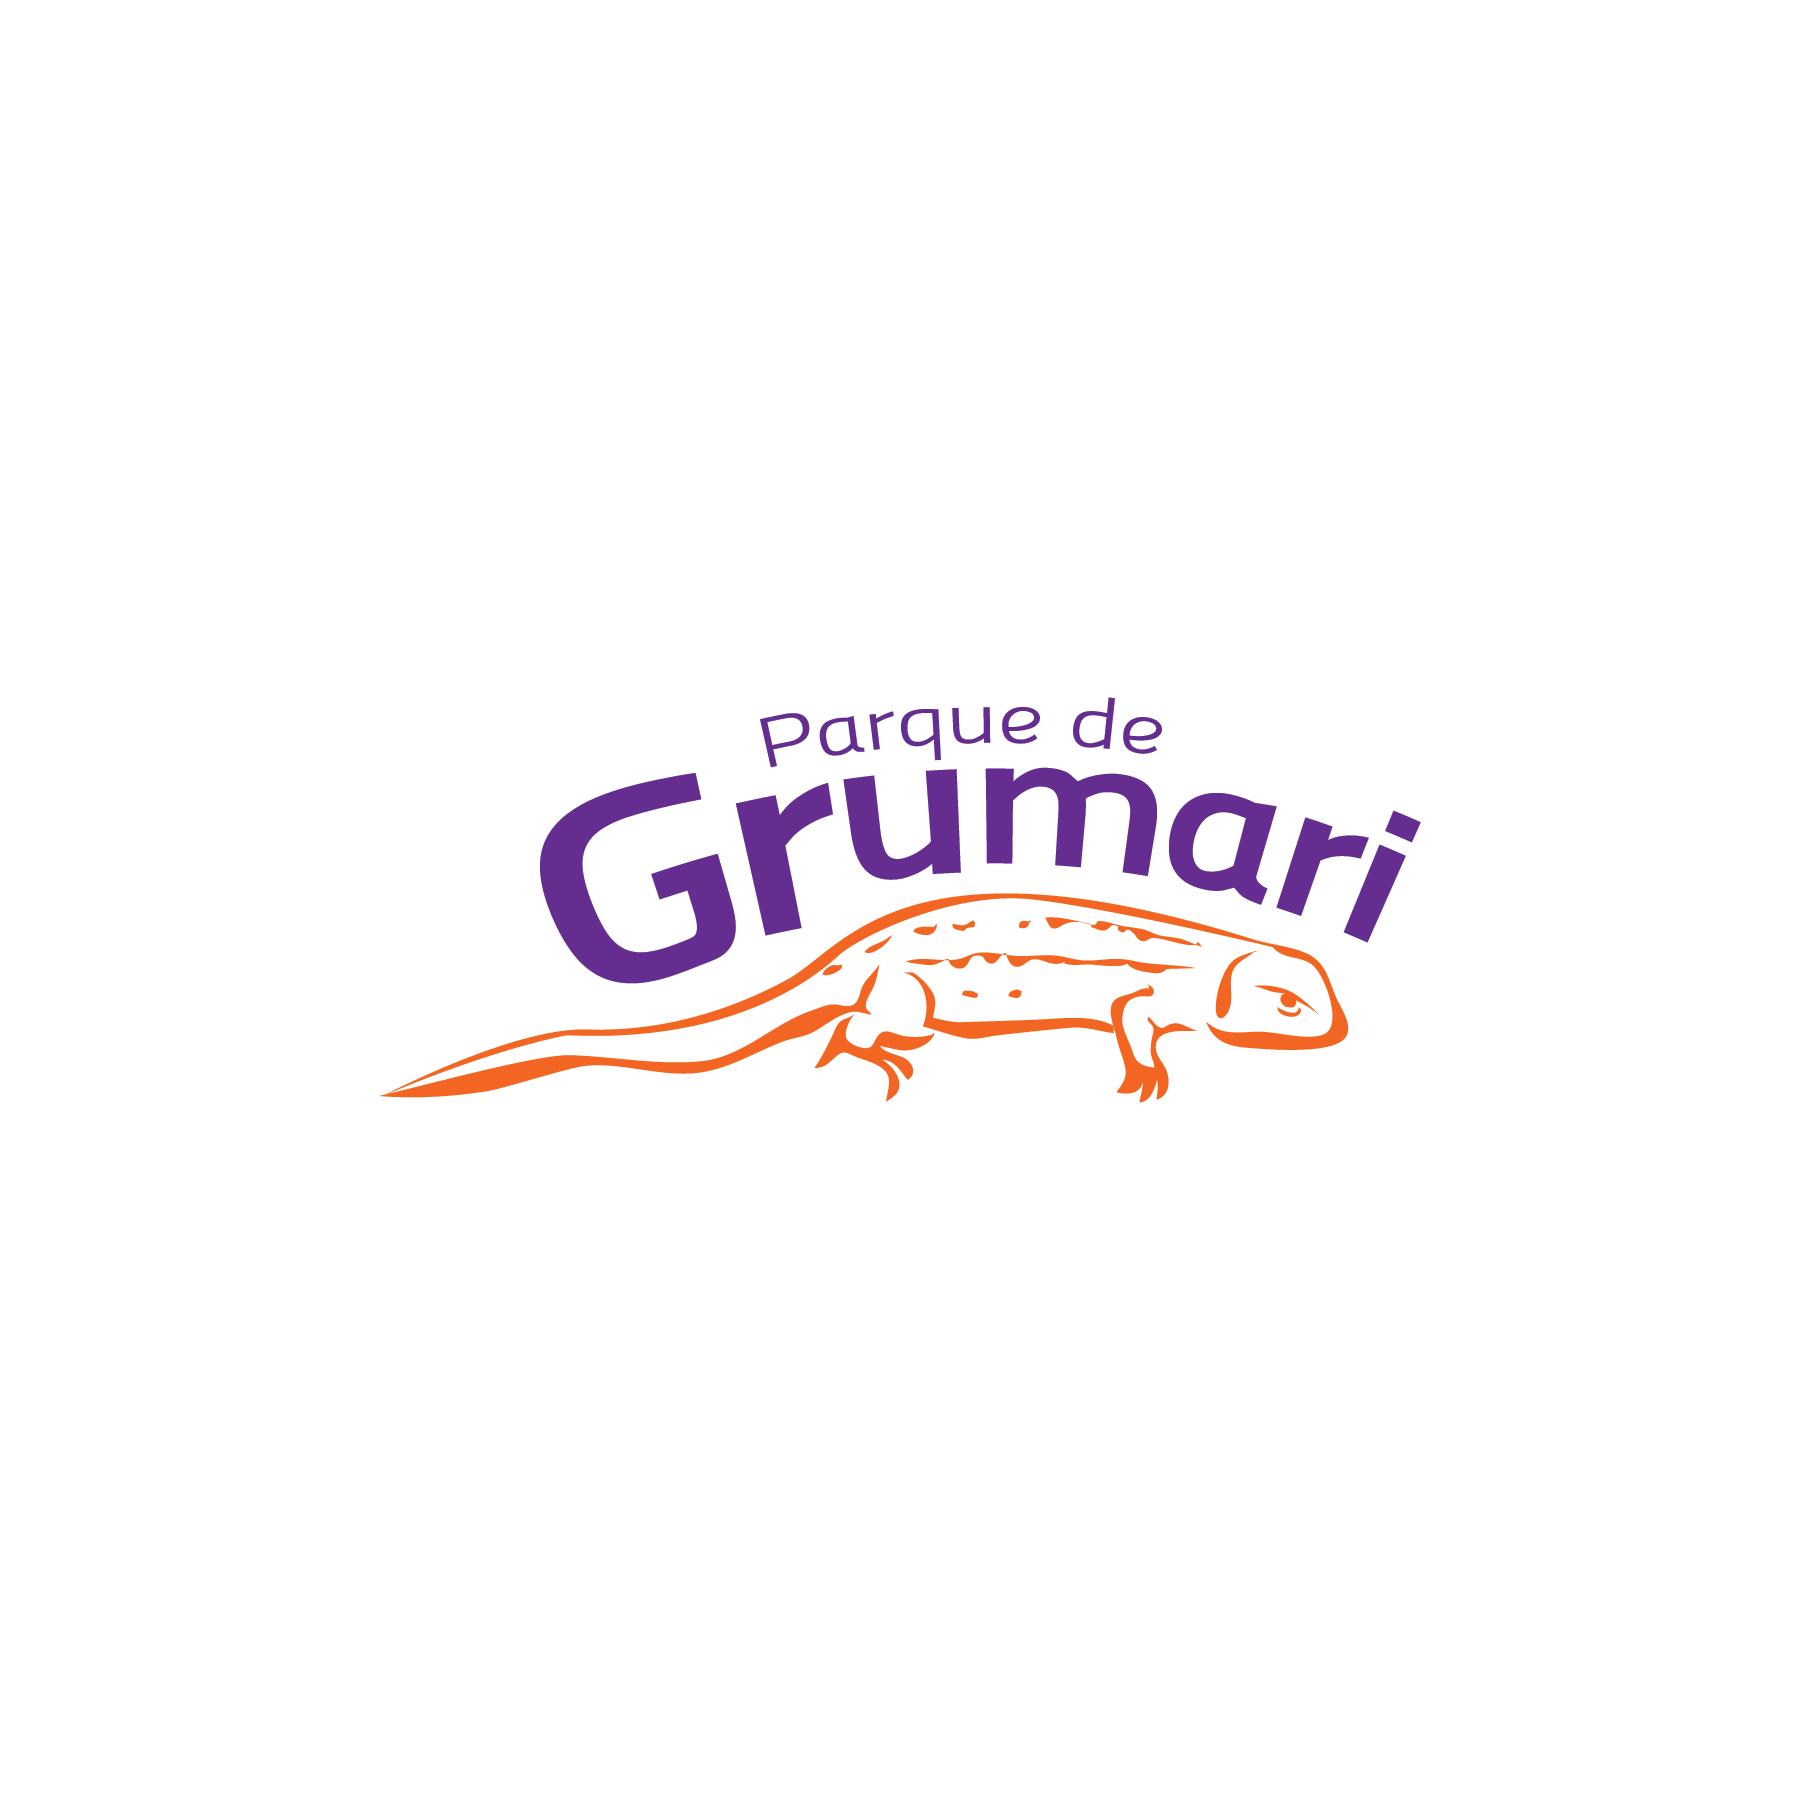 PARQUE DE GRUMARI